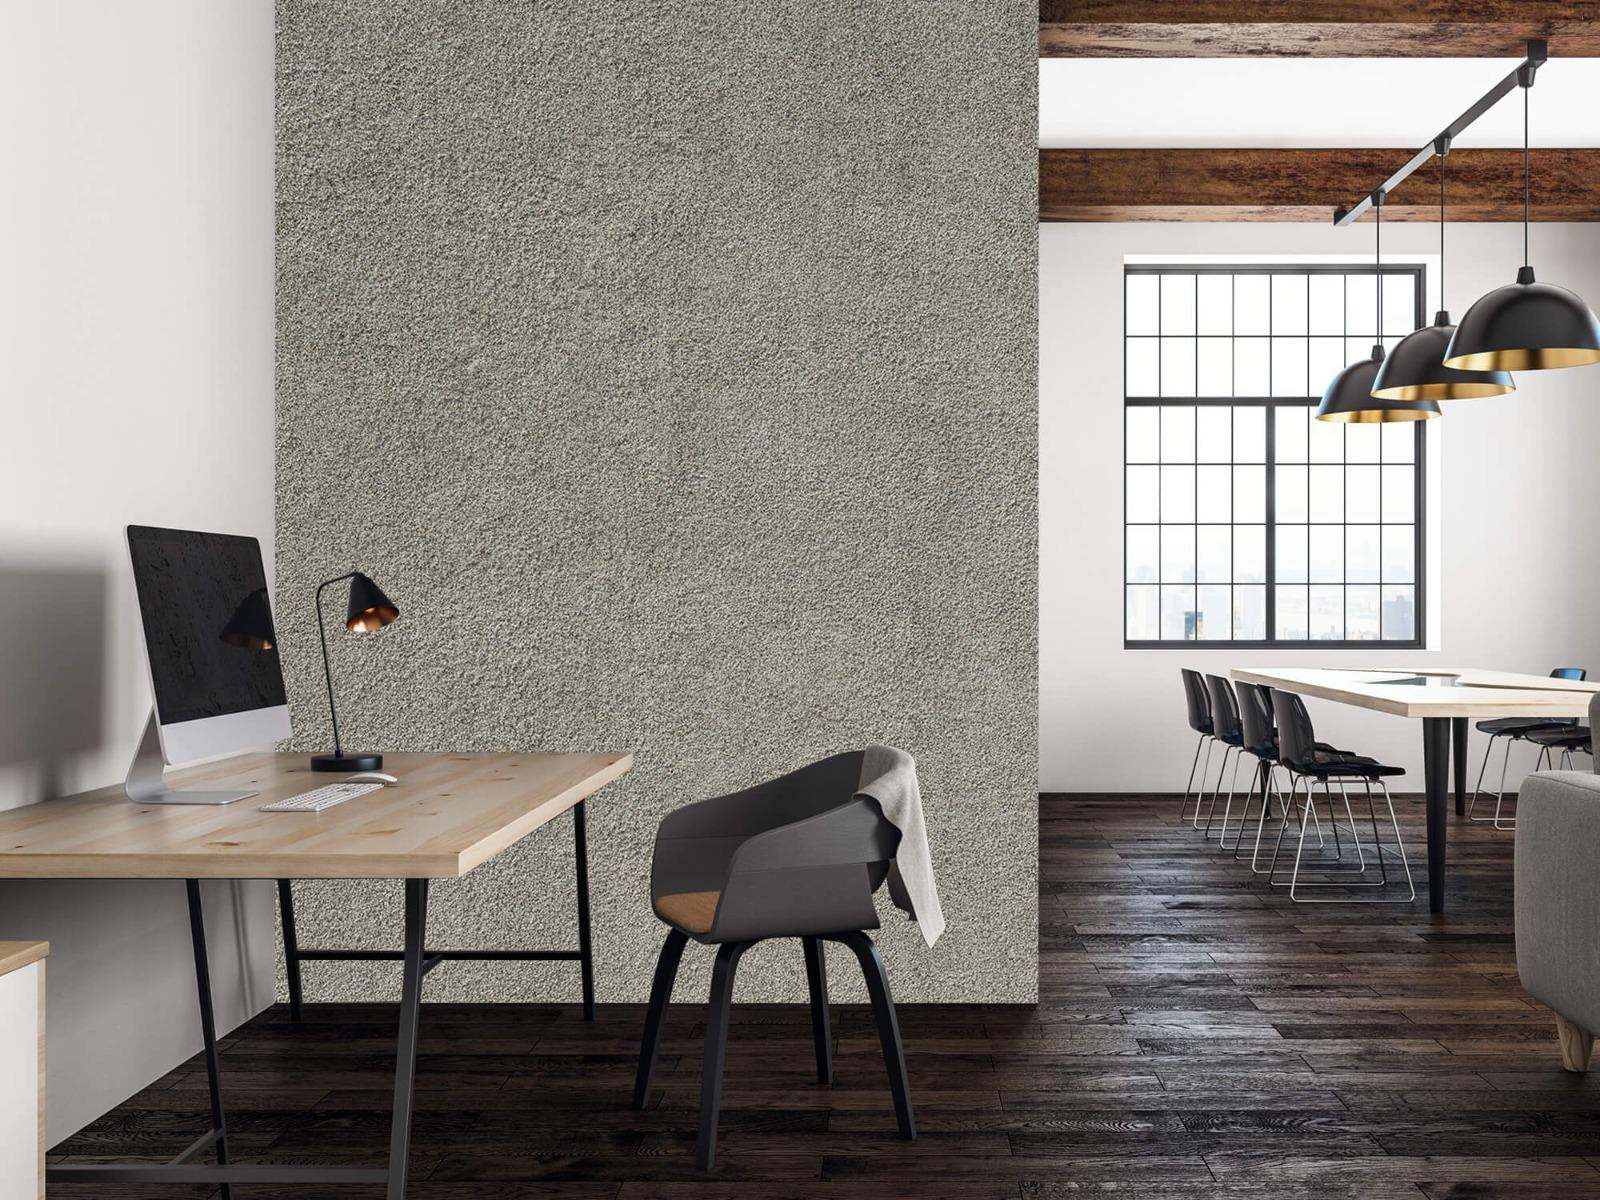 Betonlook behang - Betonnen muur met fijne steentjes - Kantoor 22